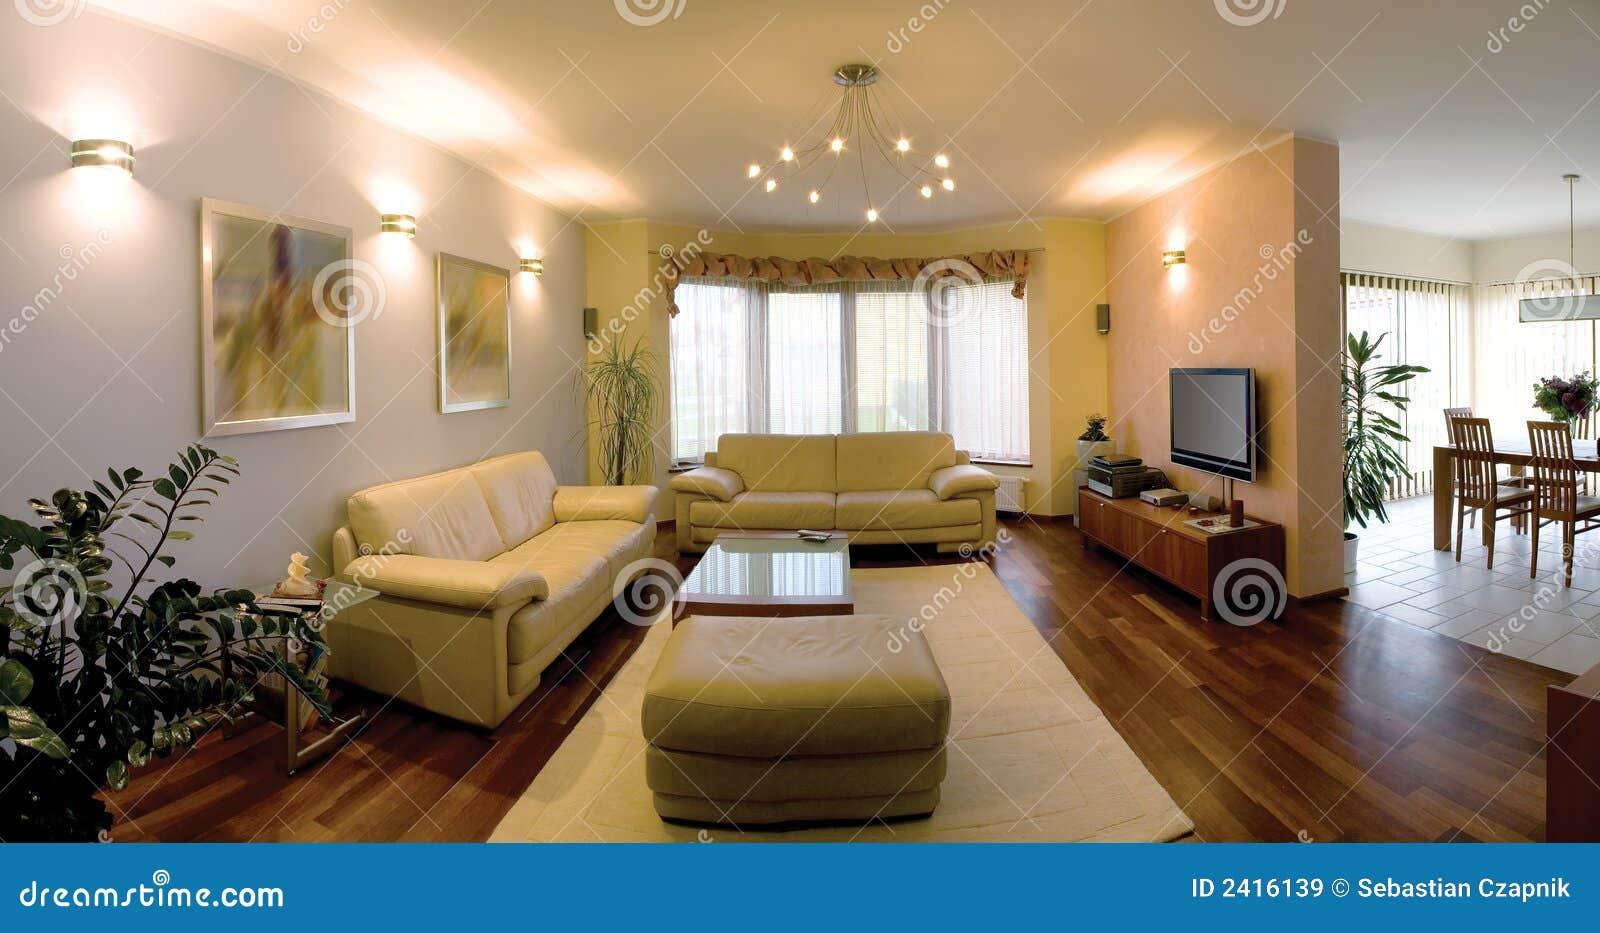 Int rieur la maison moderne images libres de droits image 2416139 - Interieur de maison moderne ...